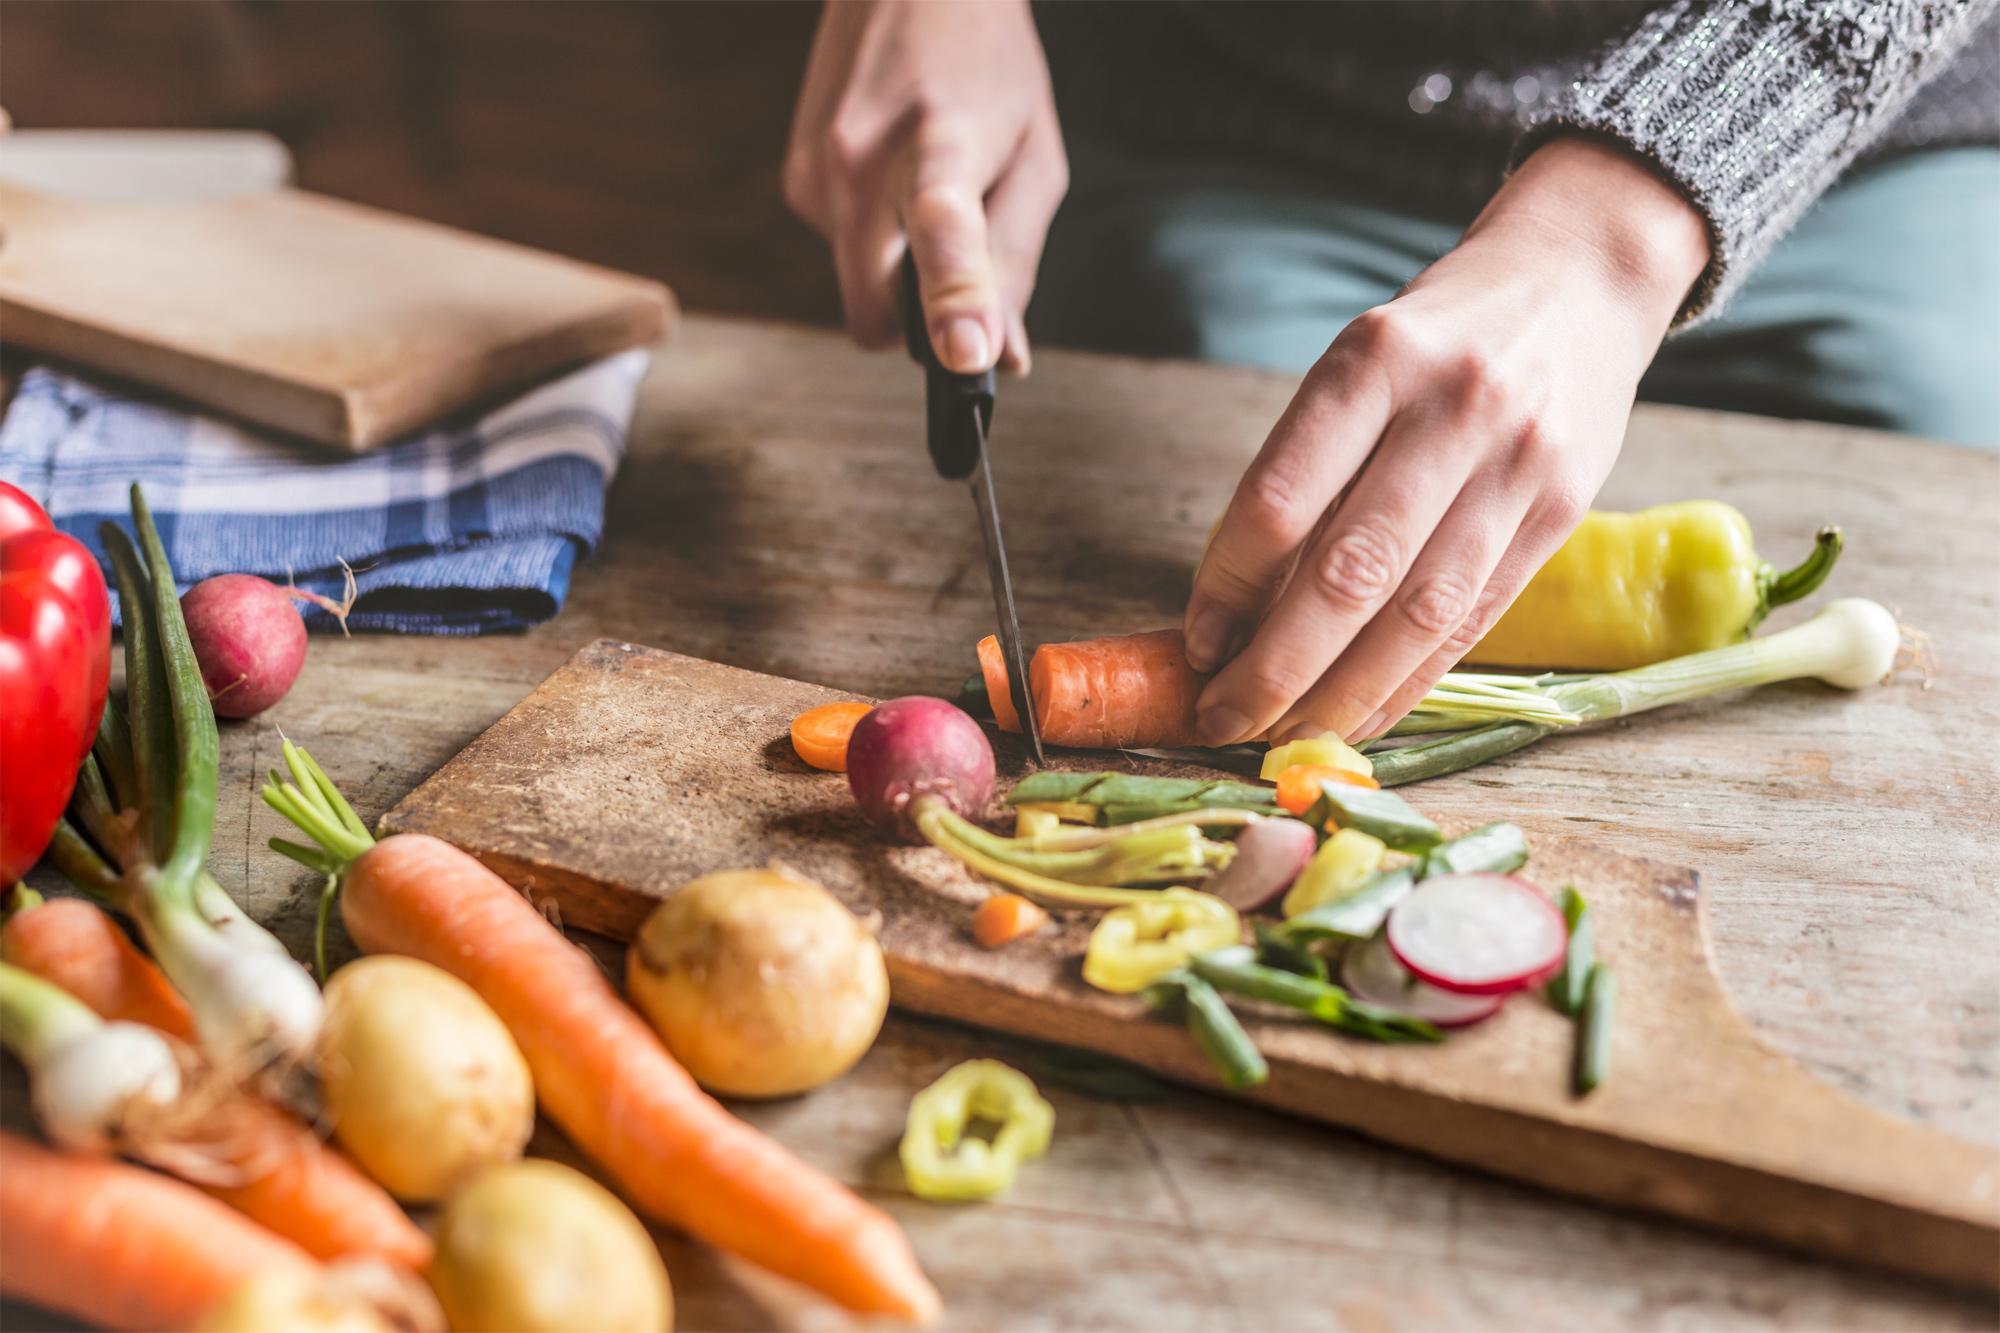 Handen die groenten snijden